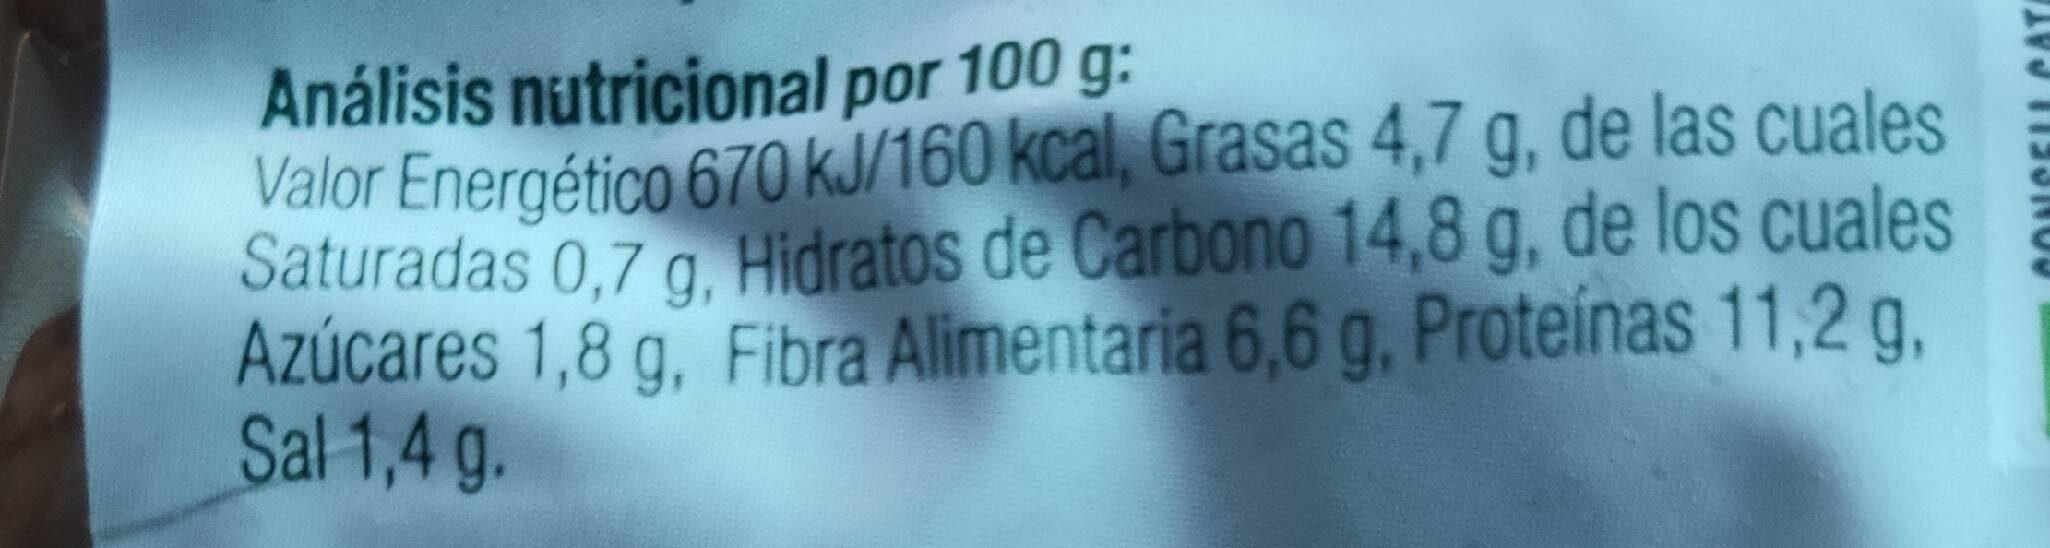 Albóndigas de Seitán con chía - Informació nutricional - es